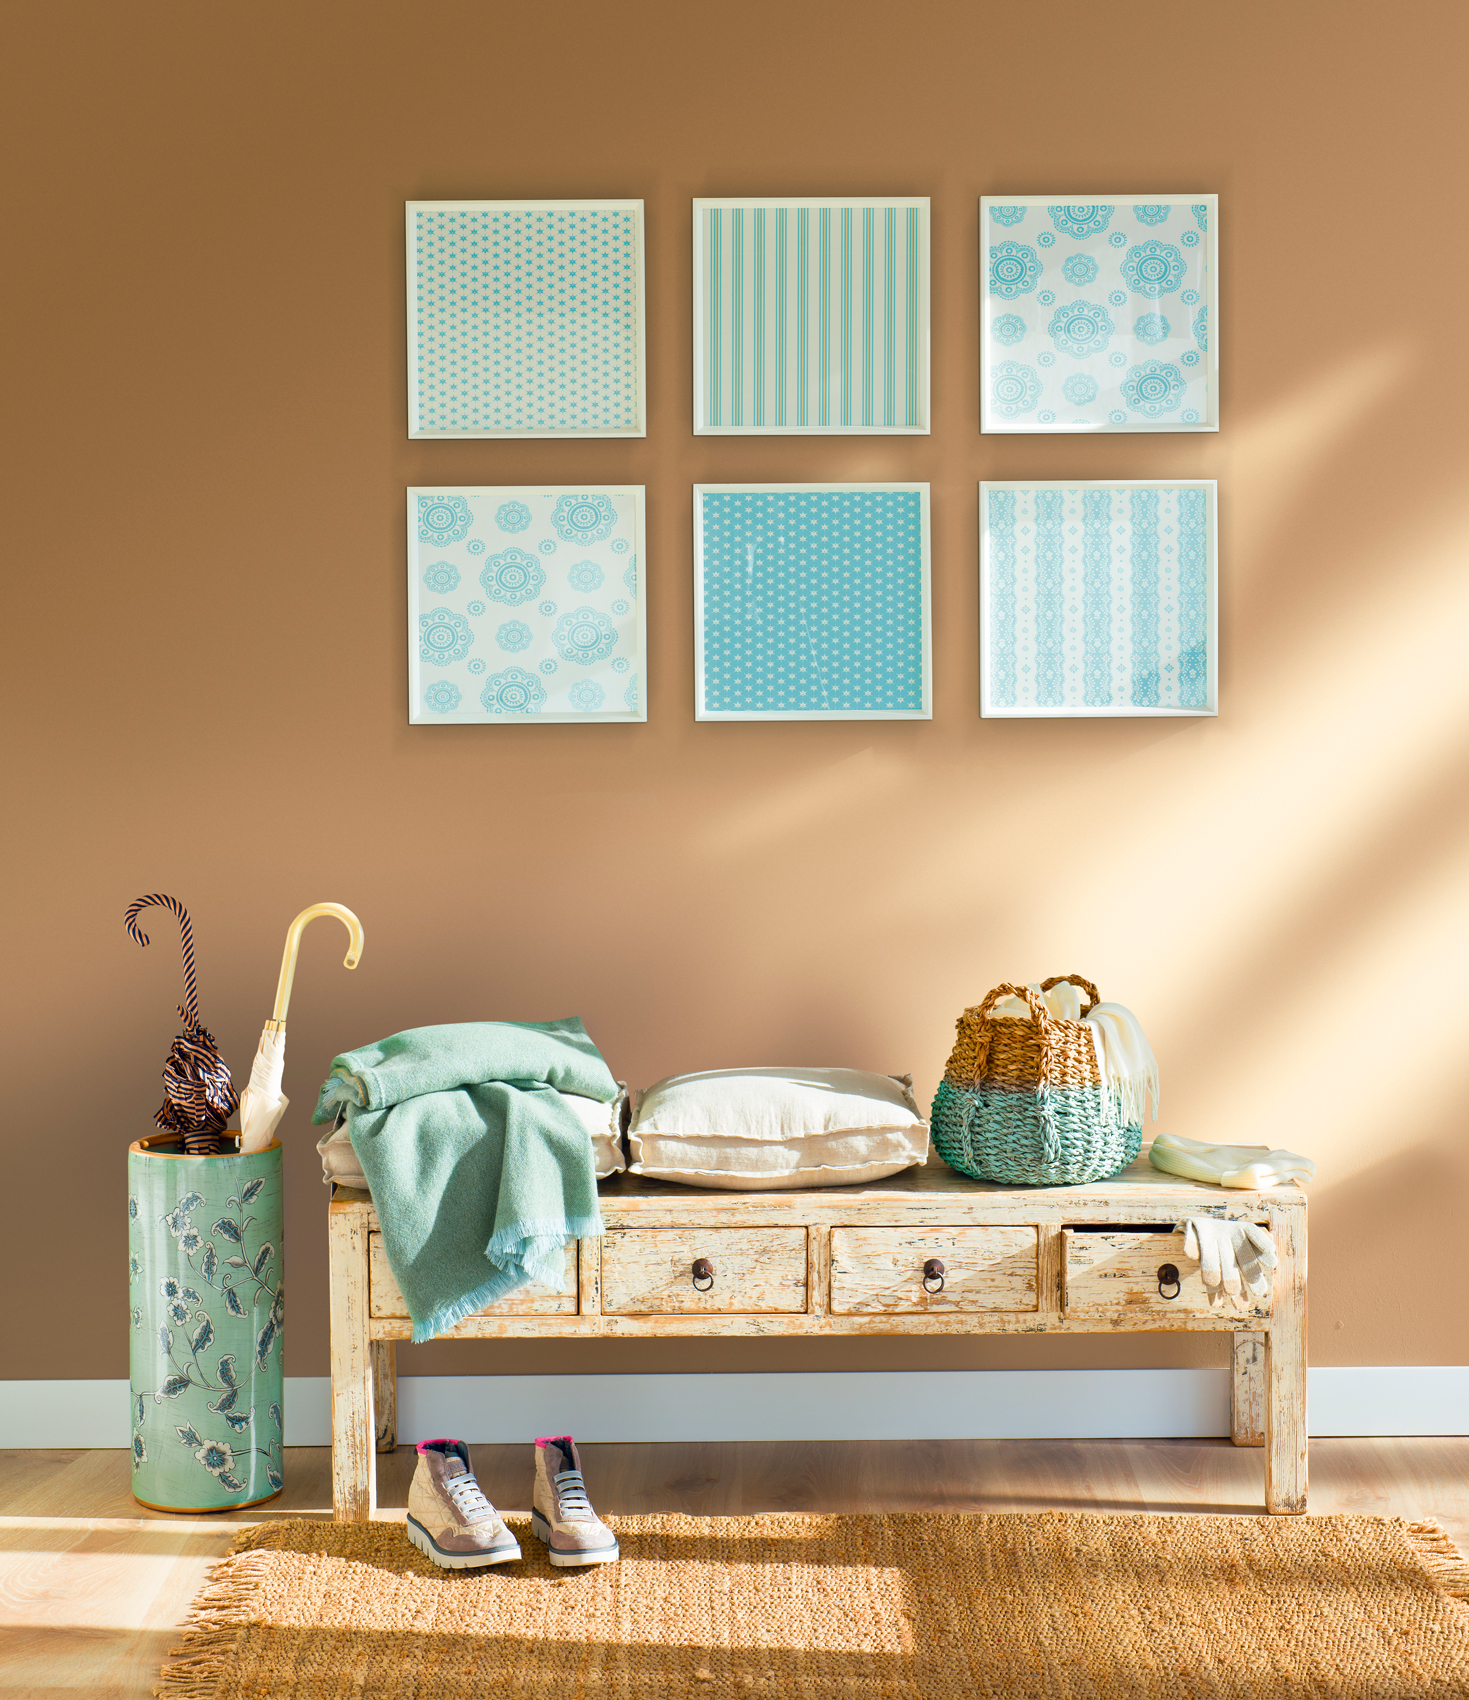 Diez ideas de decoraci n para preparar tu recibidor para for Casa con muebles transformables